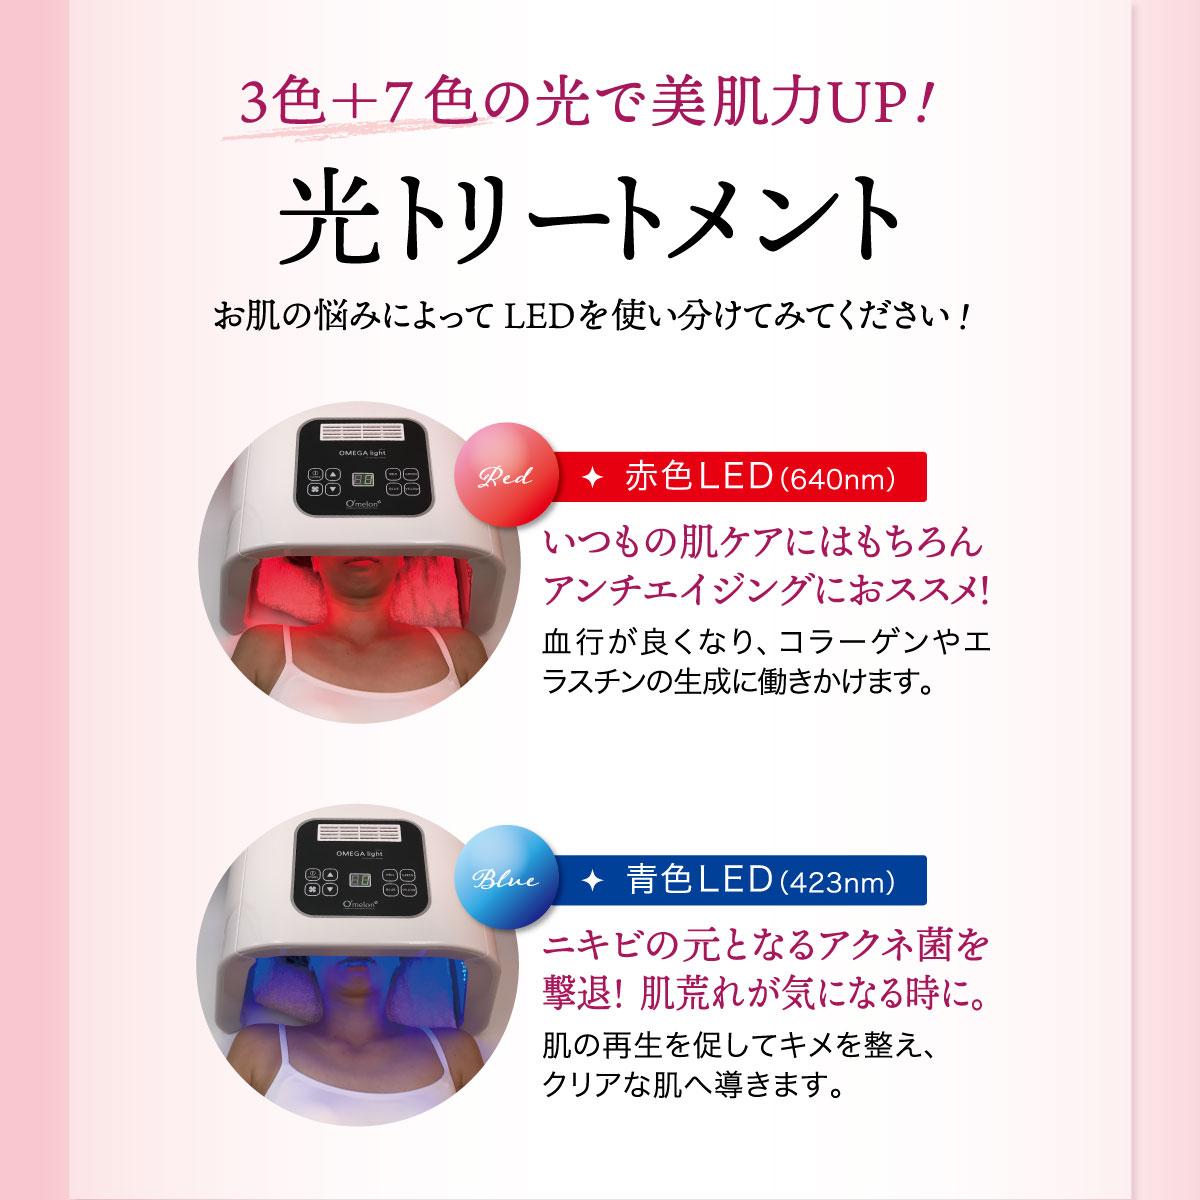 オメガライト 7色サーキュレーションタイプ